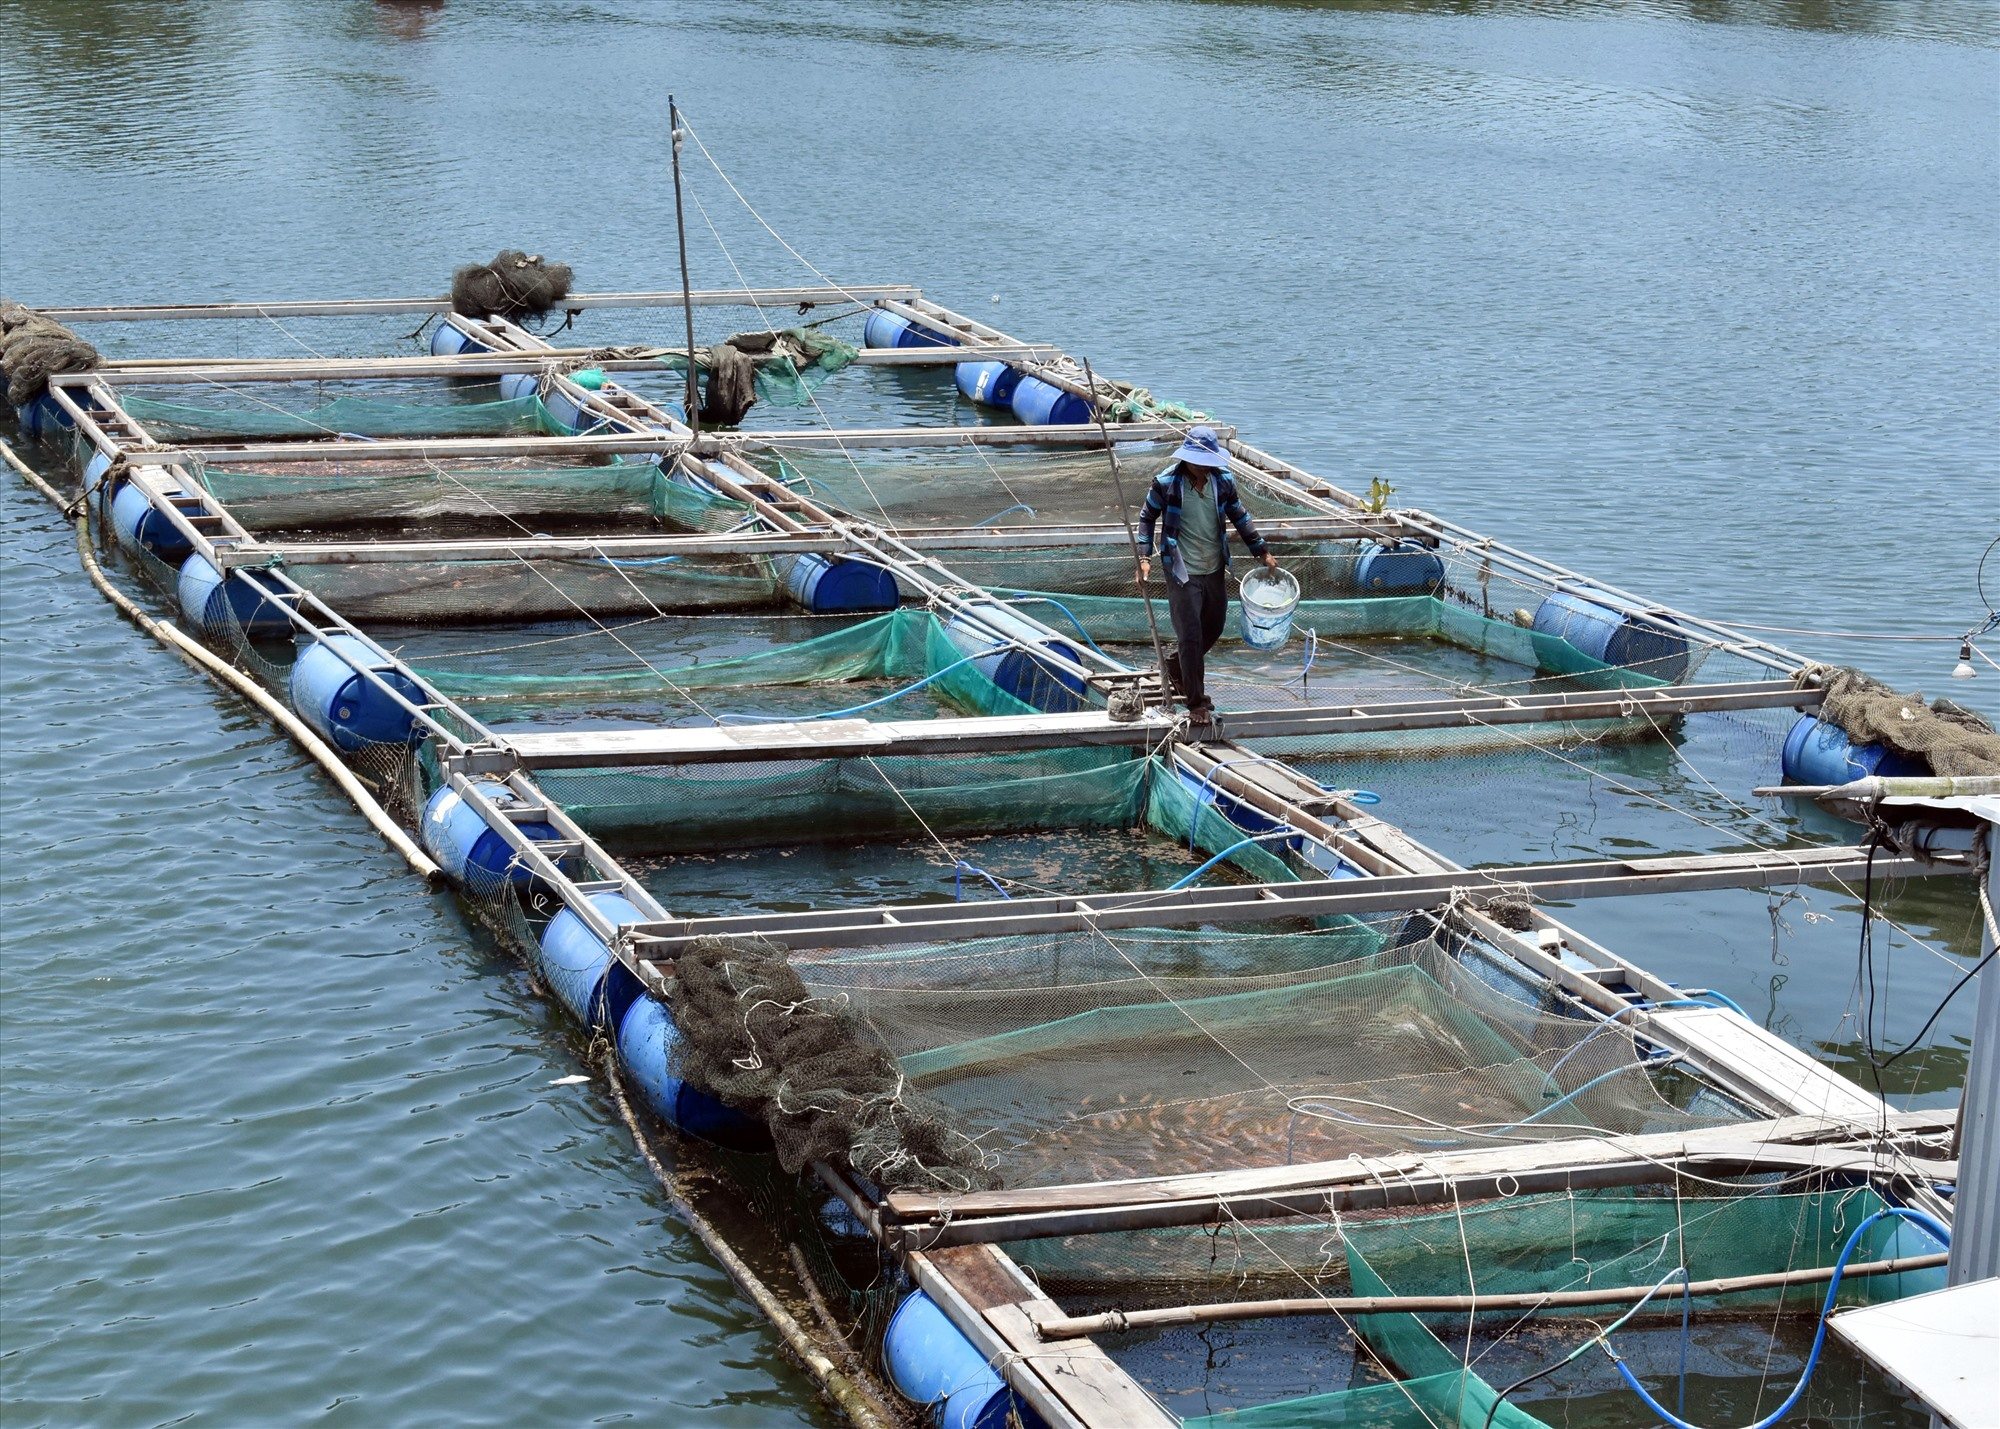 Giá bột cám cá ăn tăng khiến người nông dân gặp khó. Ảnh: V.LỘC